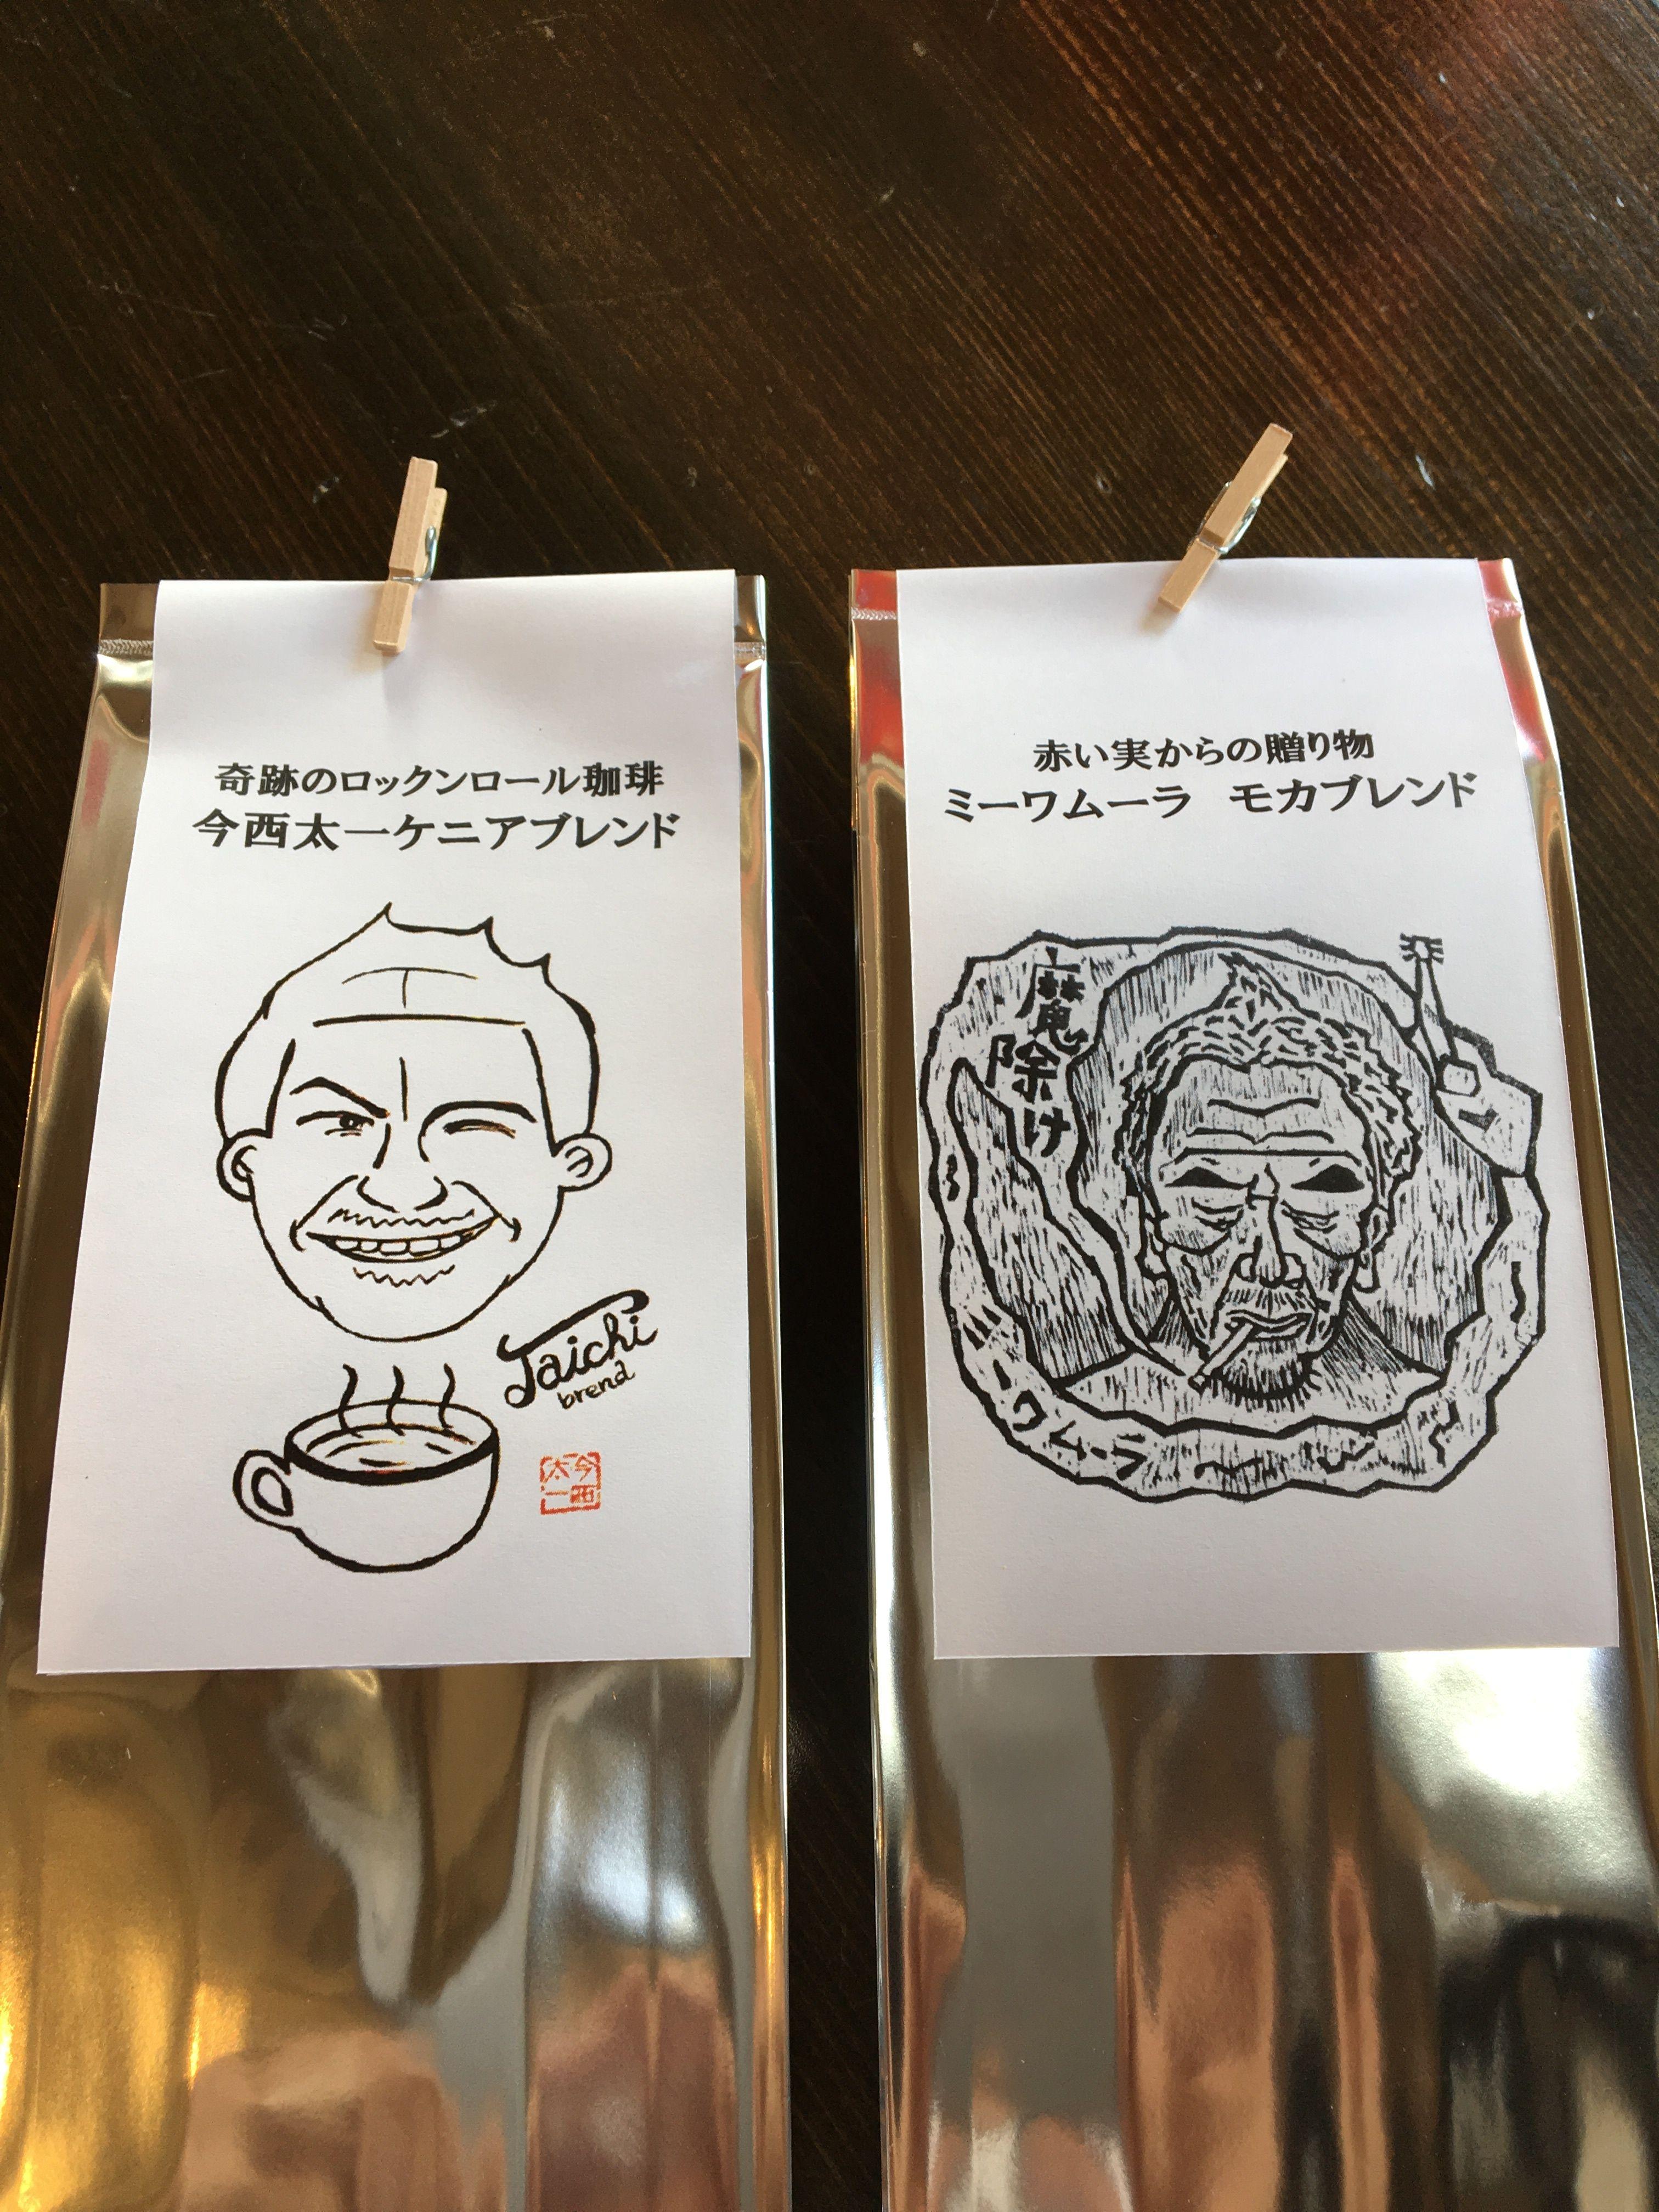 コラボブレンド発売!